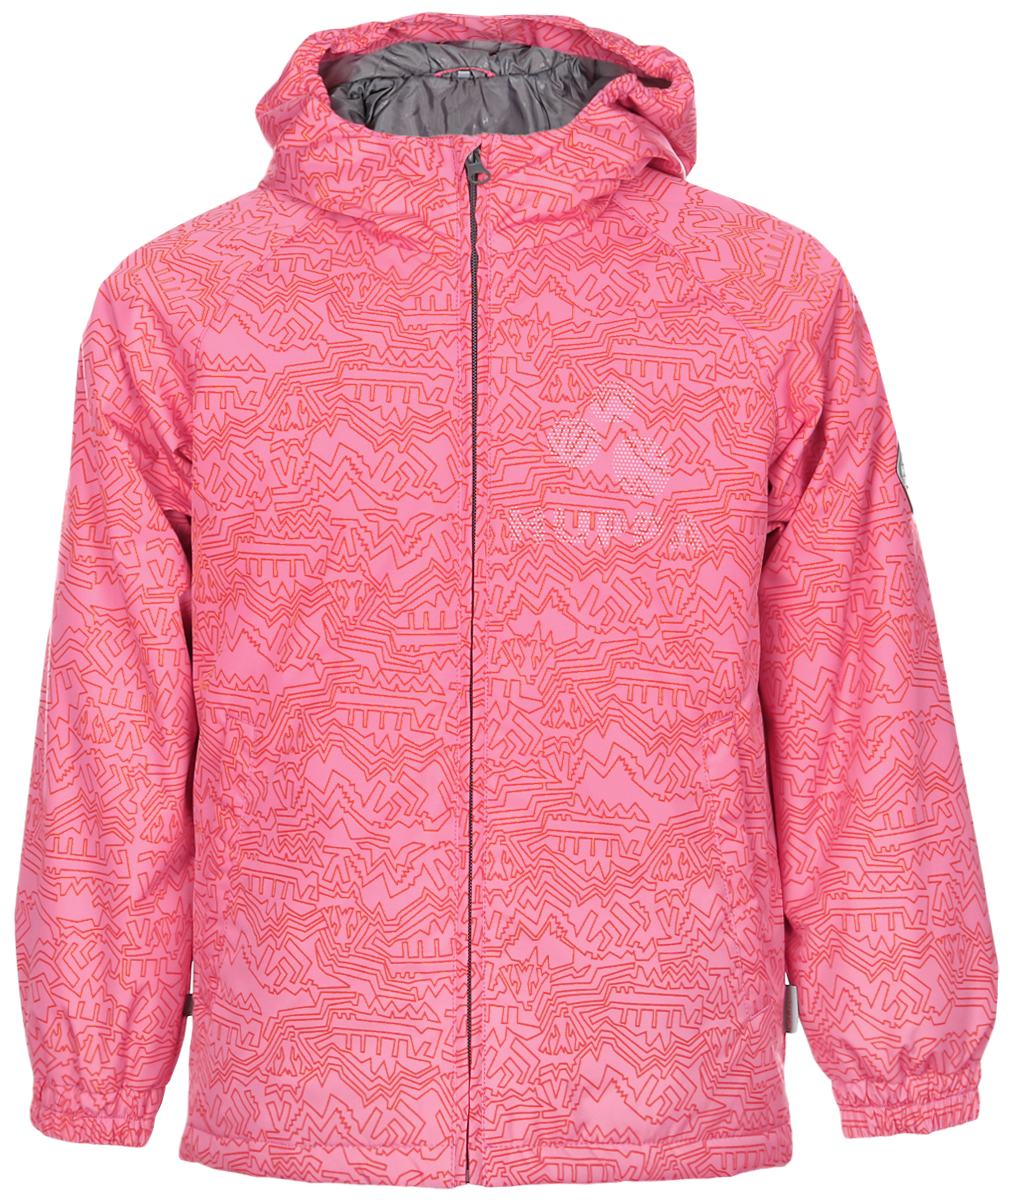 Куртка детская Huppa Classy 1, цвет: розовый. 17710010-913. Размер 9217710010-913Детская куртка Huppa изготовлена из водонепроницаемого полиэстера. Куртка с капюшоном застегивается на пластиковую застежку-молнию с защитой подбородка. Высокотехнологичный лёгкий синтетический утеплитель нового поколения сохраняет объём и высокую теплоизоляцию изделия. Края капюшона и рукавов собраны на внутренние резинки. У модели имеются два врезных кармана. Изделие дополнено светоотражающими элементами.Выдерживает температуру до -5°C.